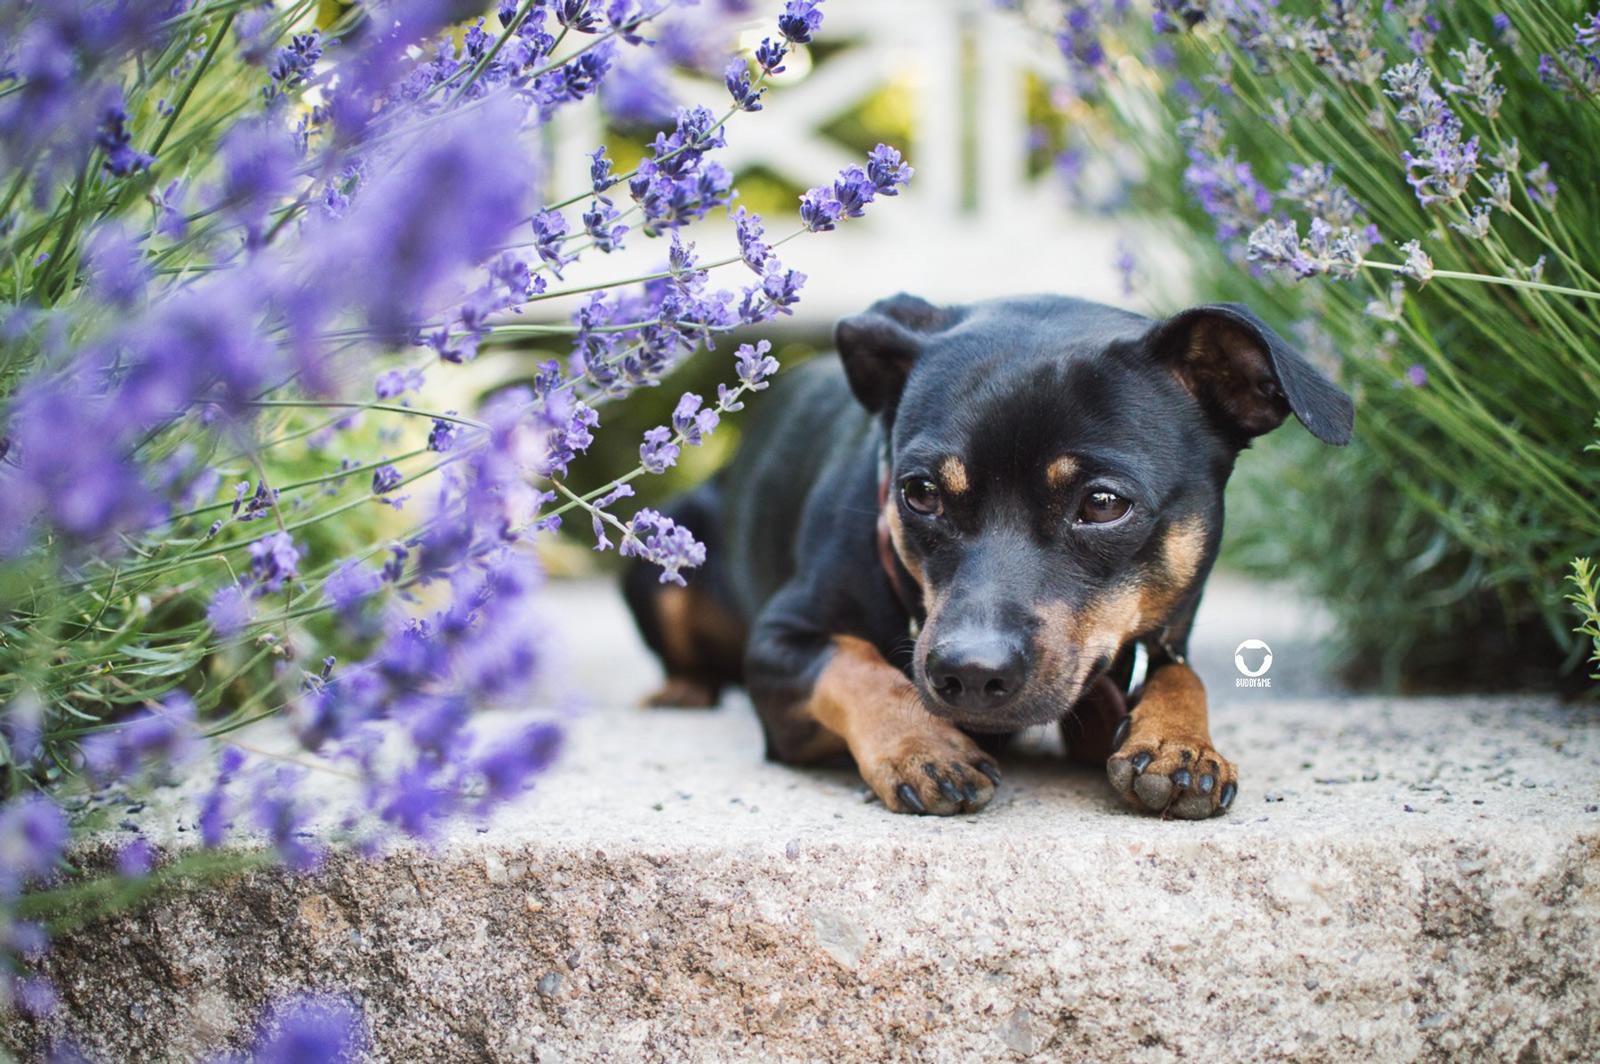 Pinscher Buddy, Buddy and Me, Hundeblog, Dogblog, Ruhrgebiet, Essen, Hund, Gesundheit, Homöopathie, ätherische Öle, Lavendel, Sommer